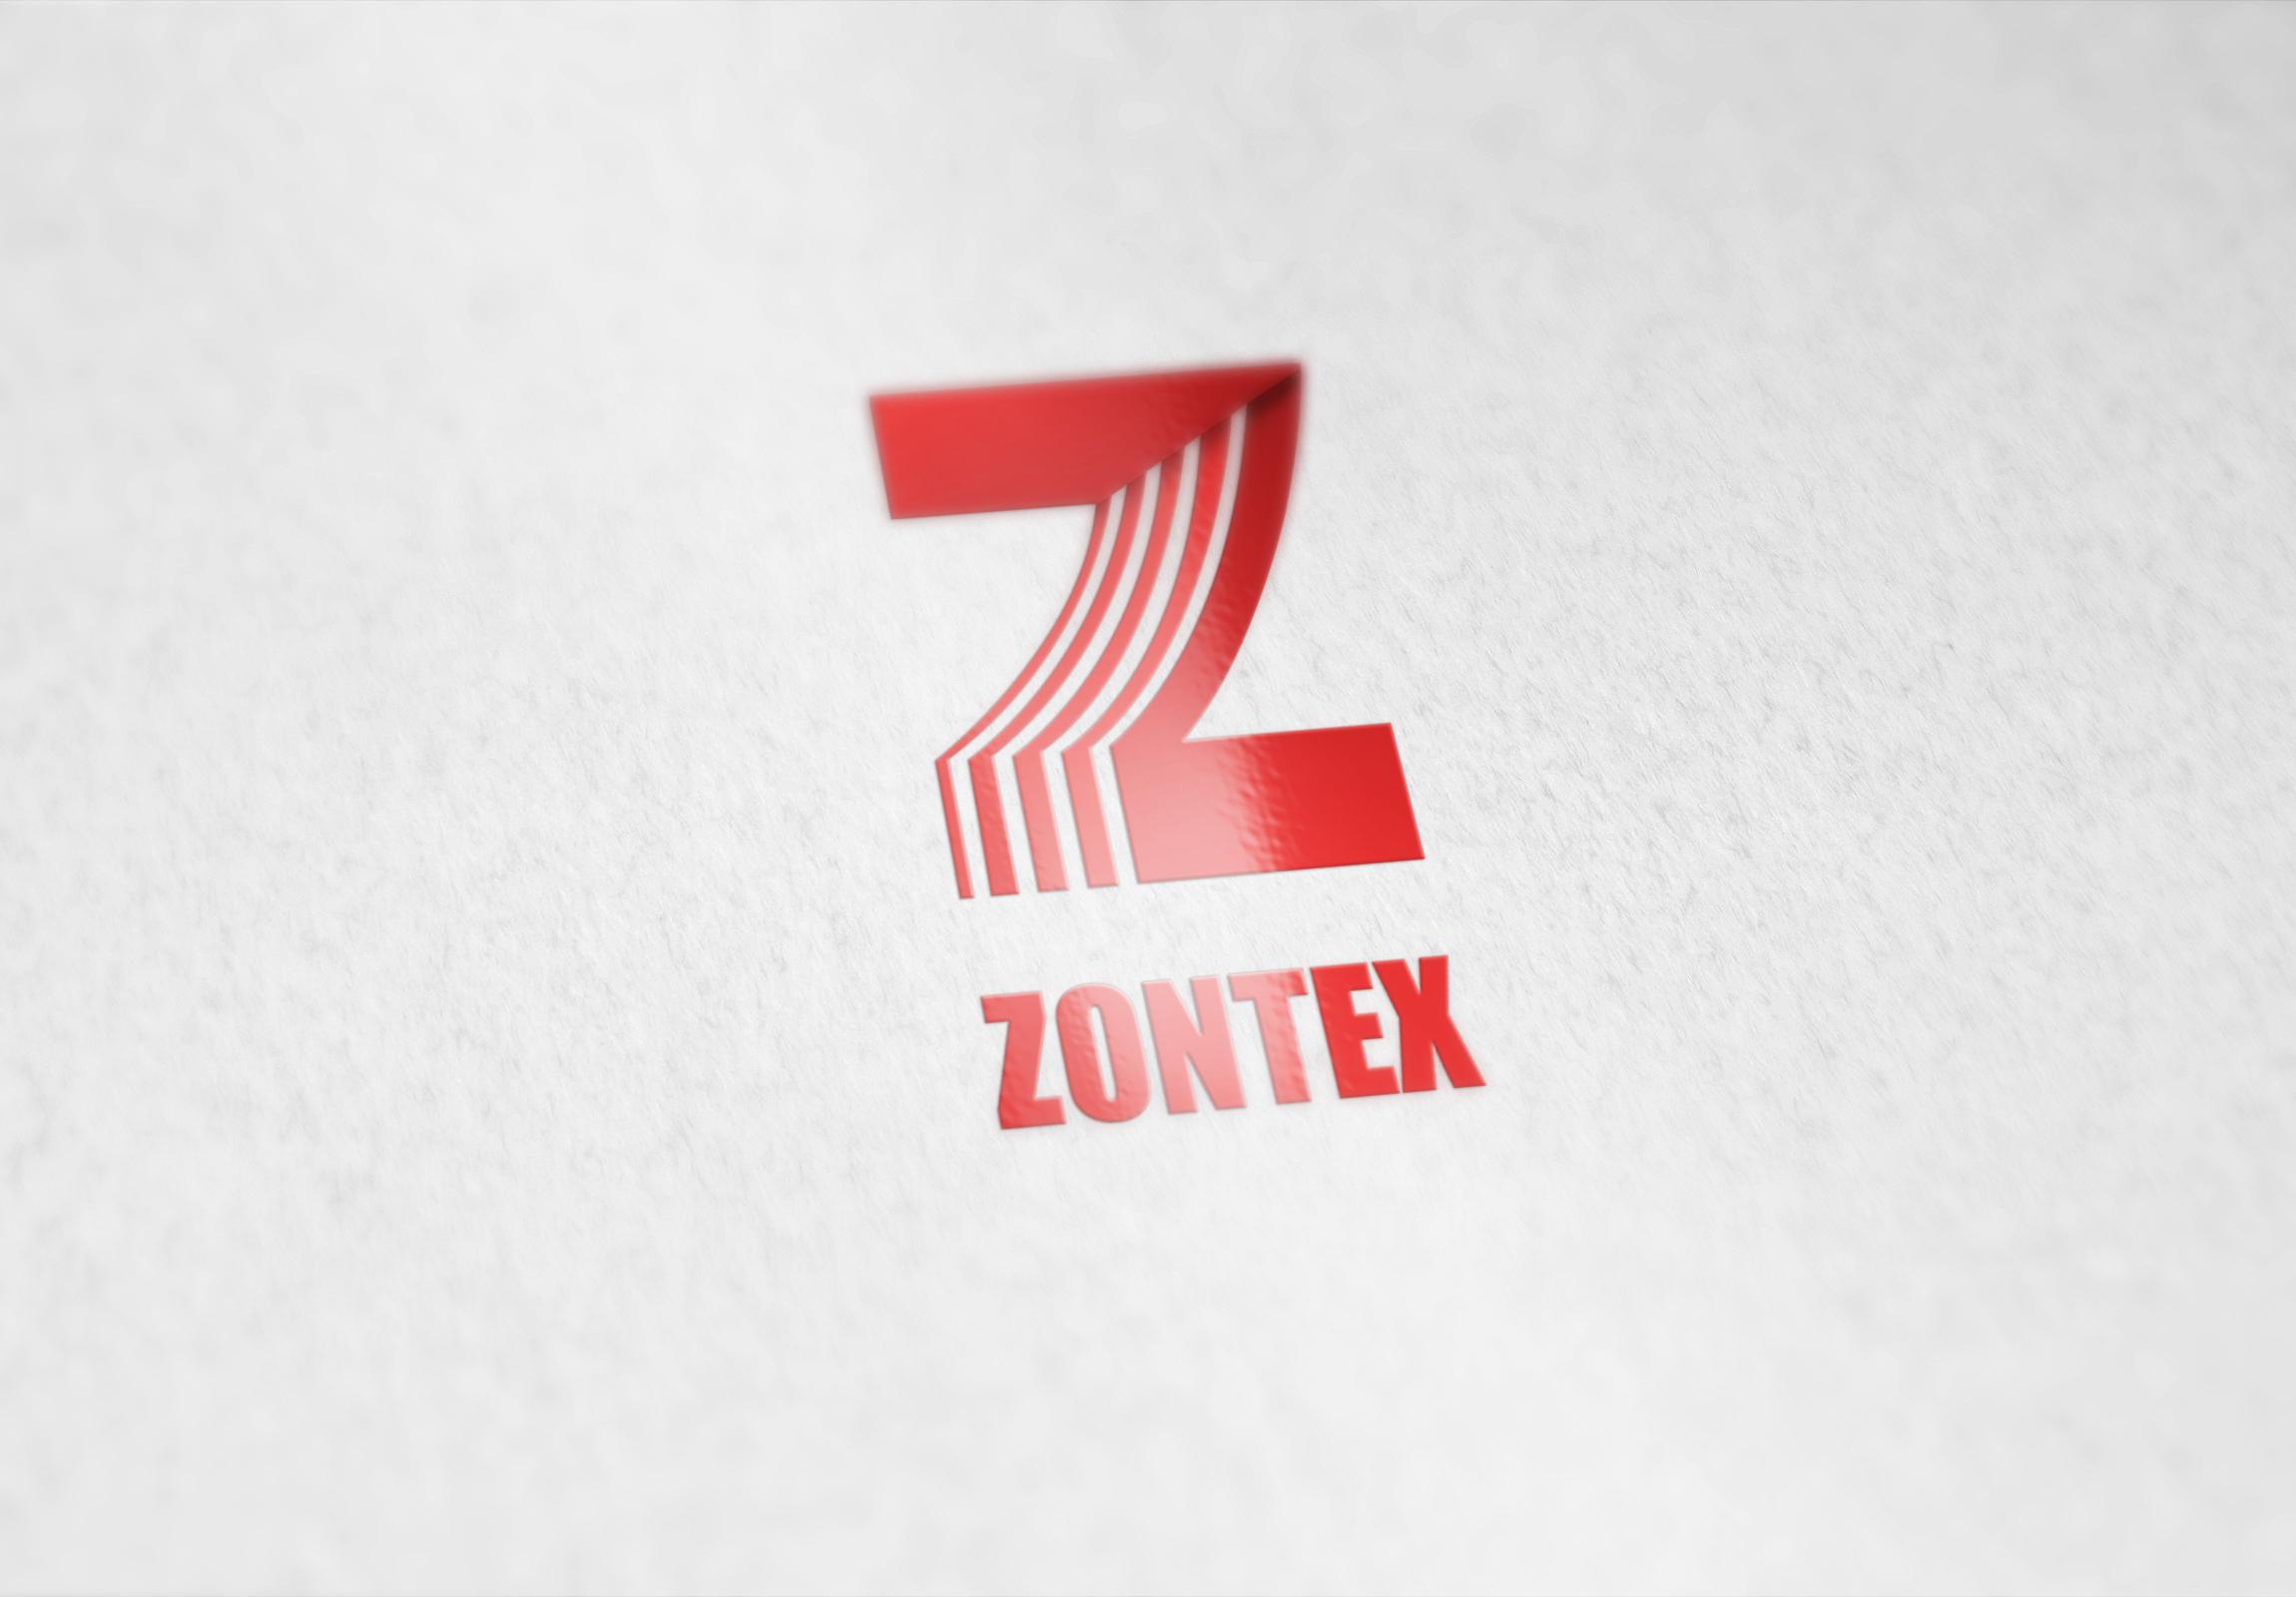 Логотип для интернет проекта фото f_5625a29d070dc6db.jpg